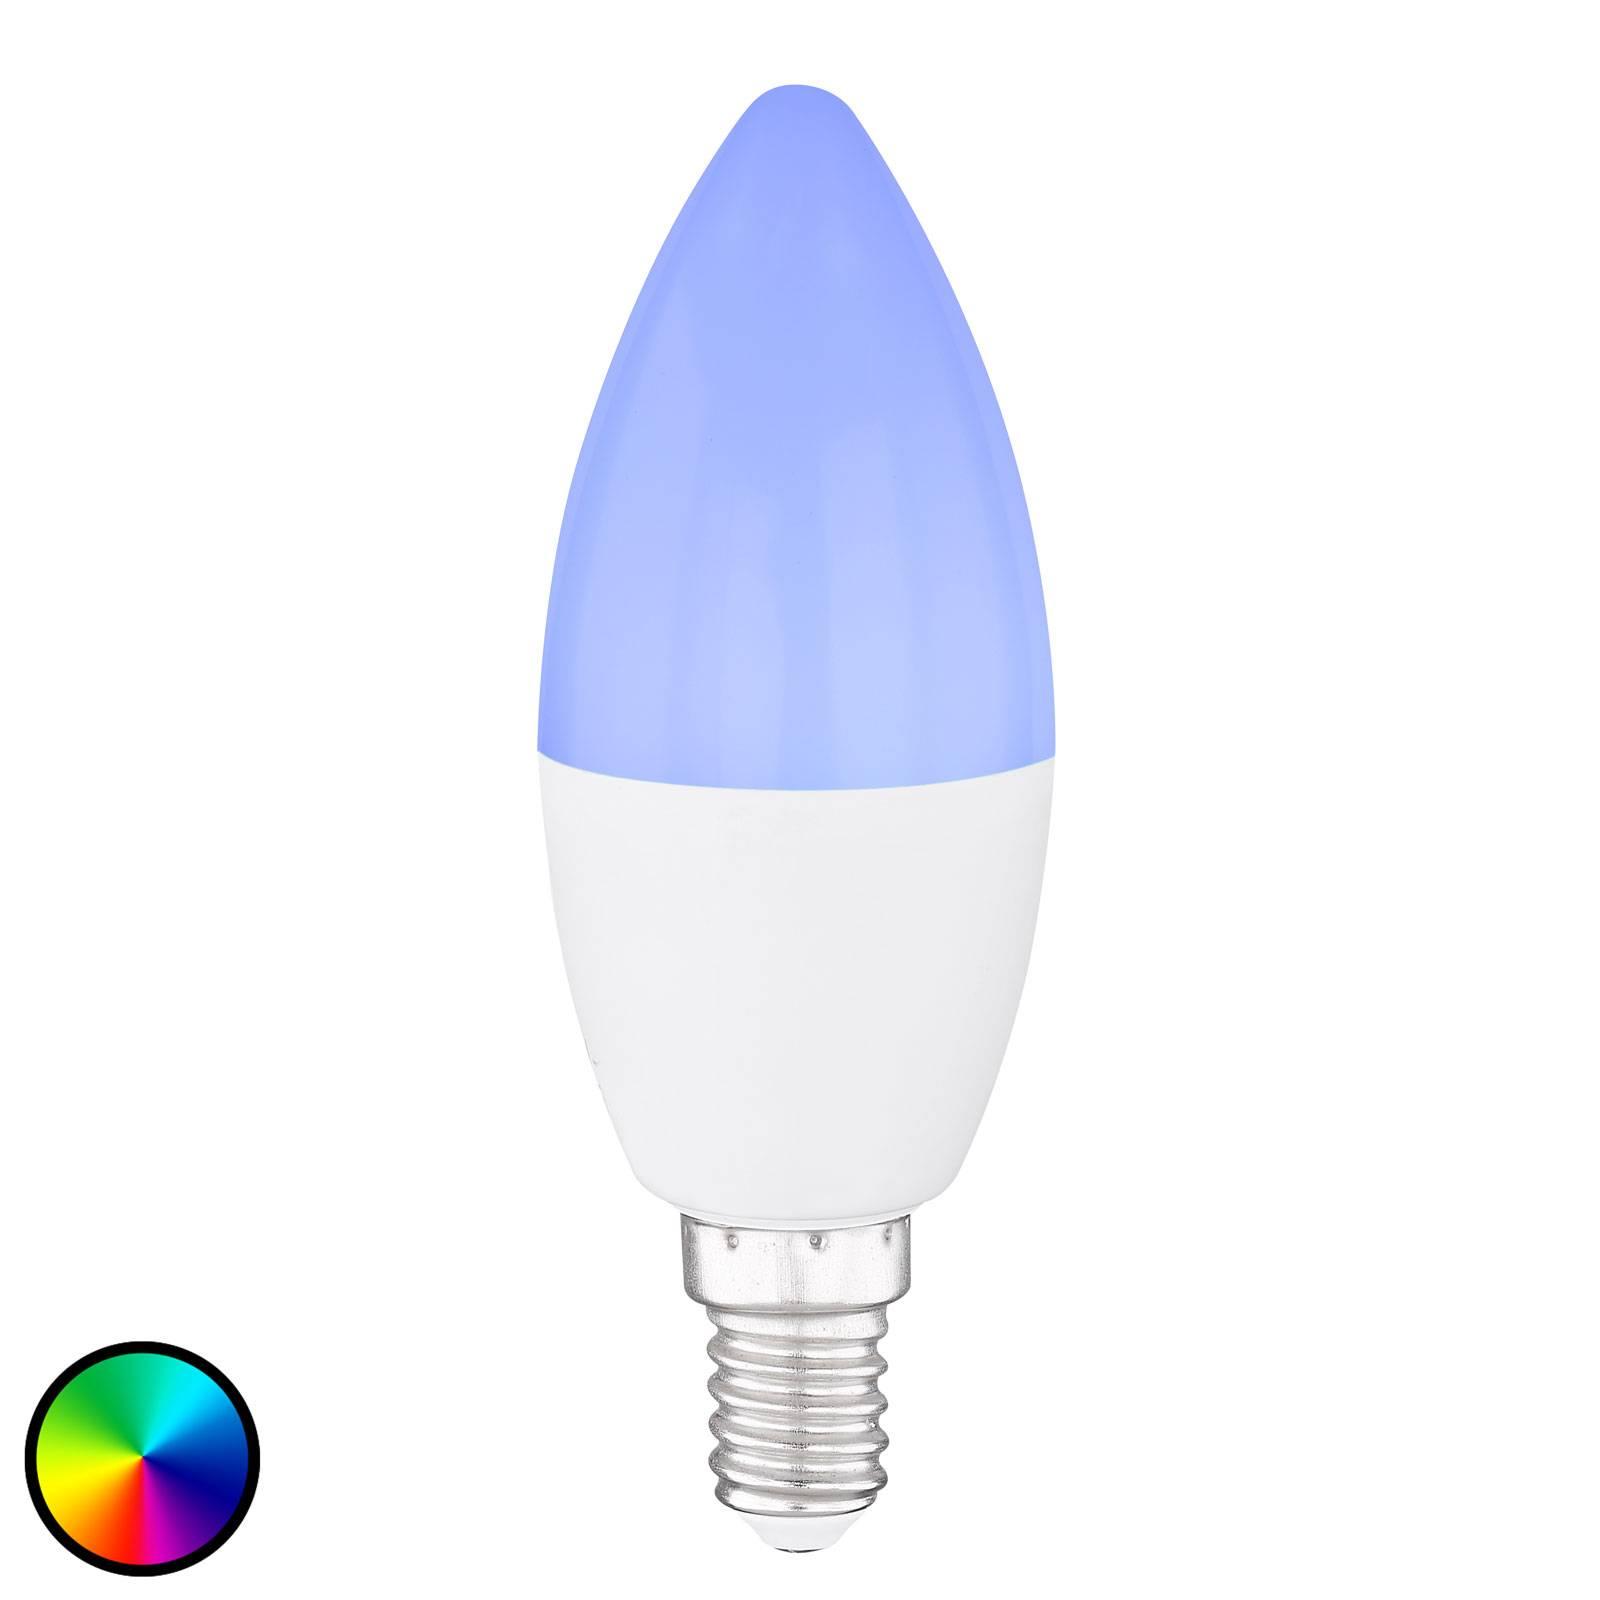 Candela LED E14, 4,5W Tuya-Smart RGBW CCT